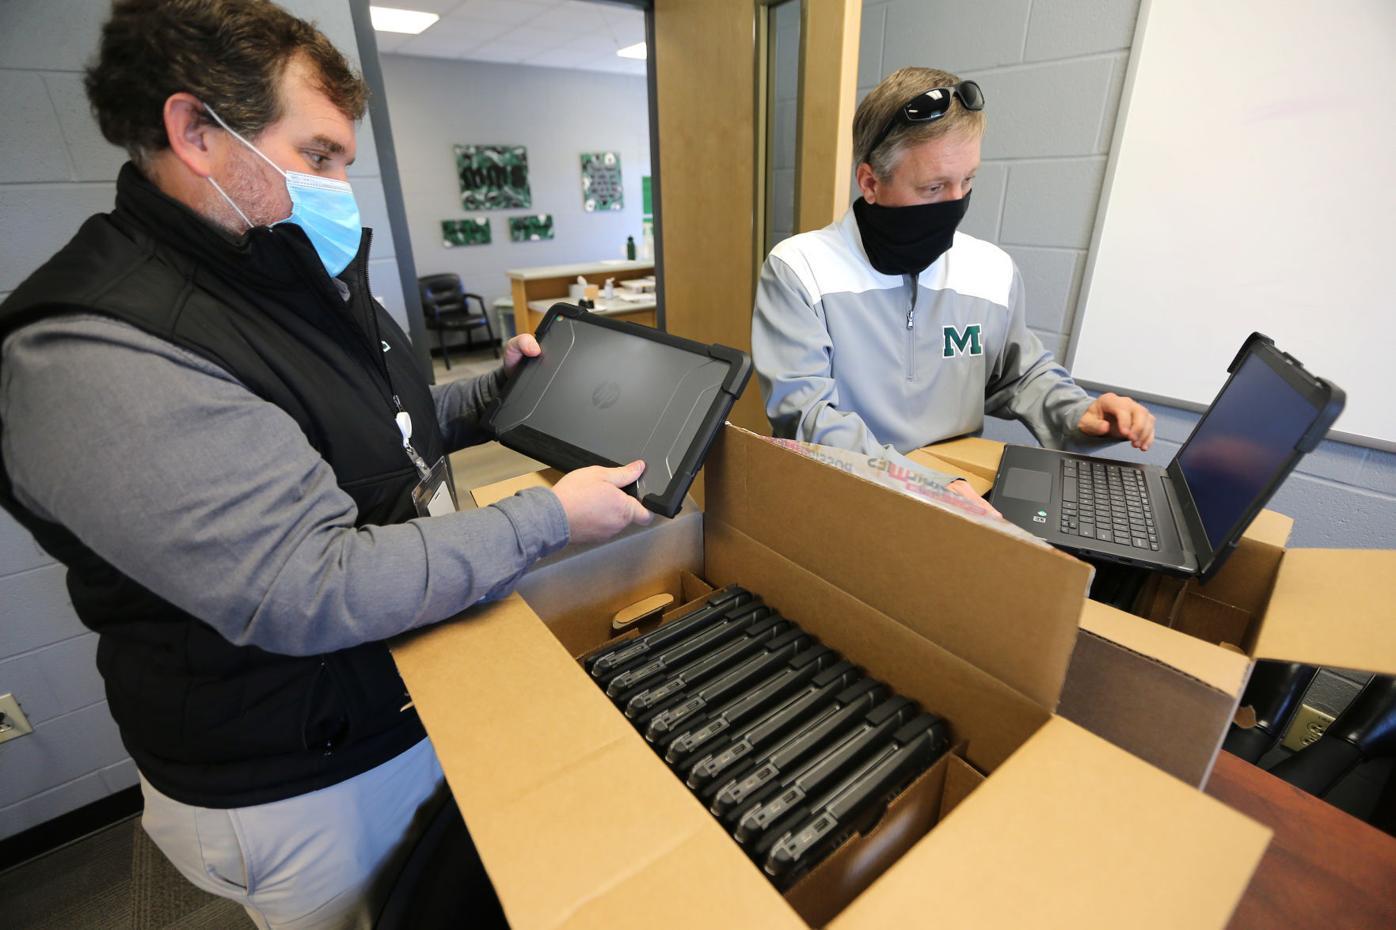 djr-2020-11-17-news-mooreville-laptops-arp1